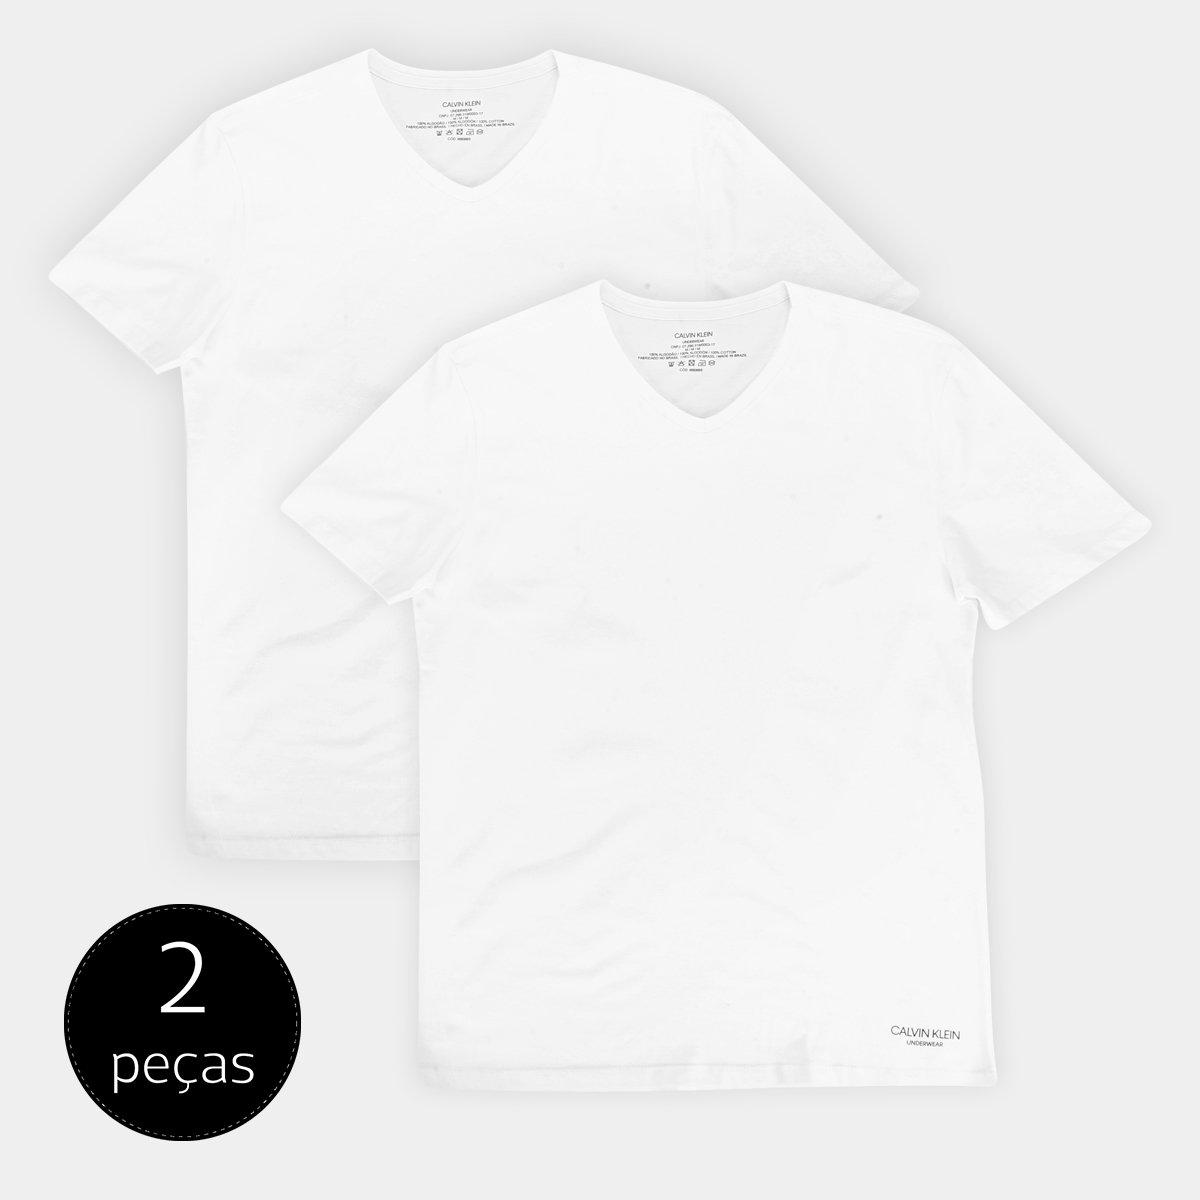 Foto 1 - Kit 2 Peças Camiseta Calvin Klein Meia Malha Masculina